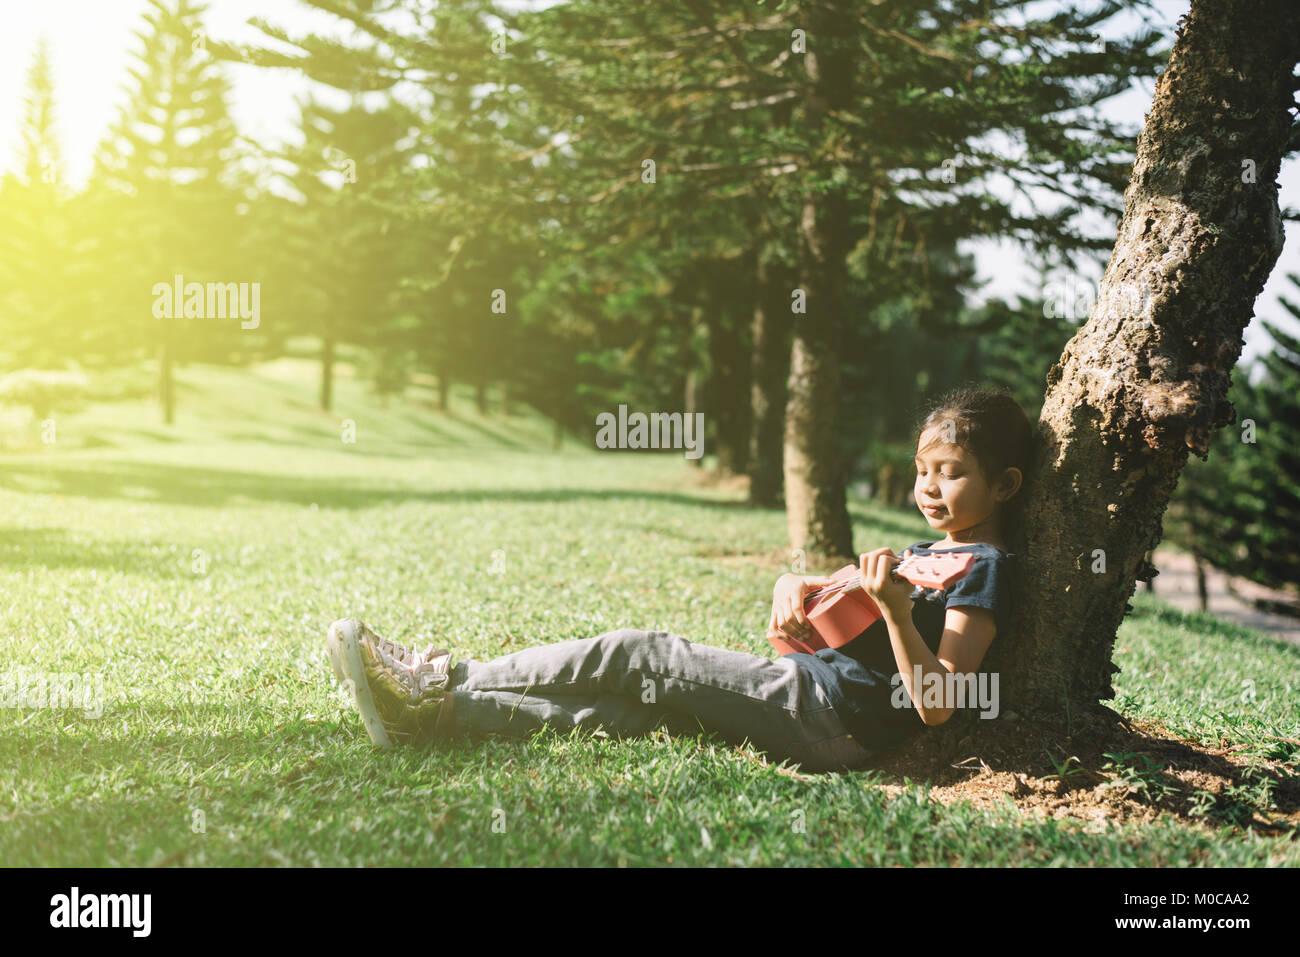 Joven y alegre muchacha asiática jugando con Ukelele Tienda de guitarra en el parque, en la soleada mañana. Imagen De Stock